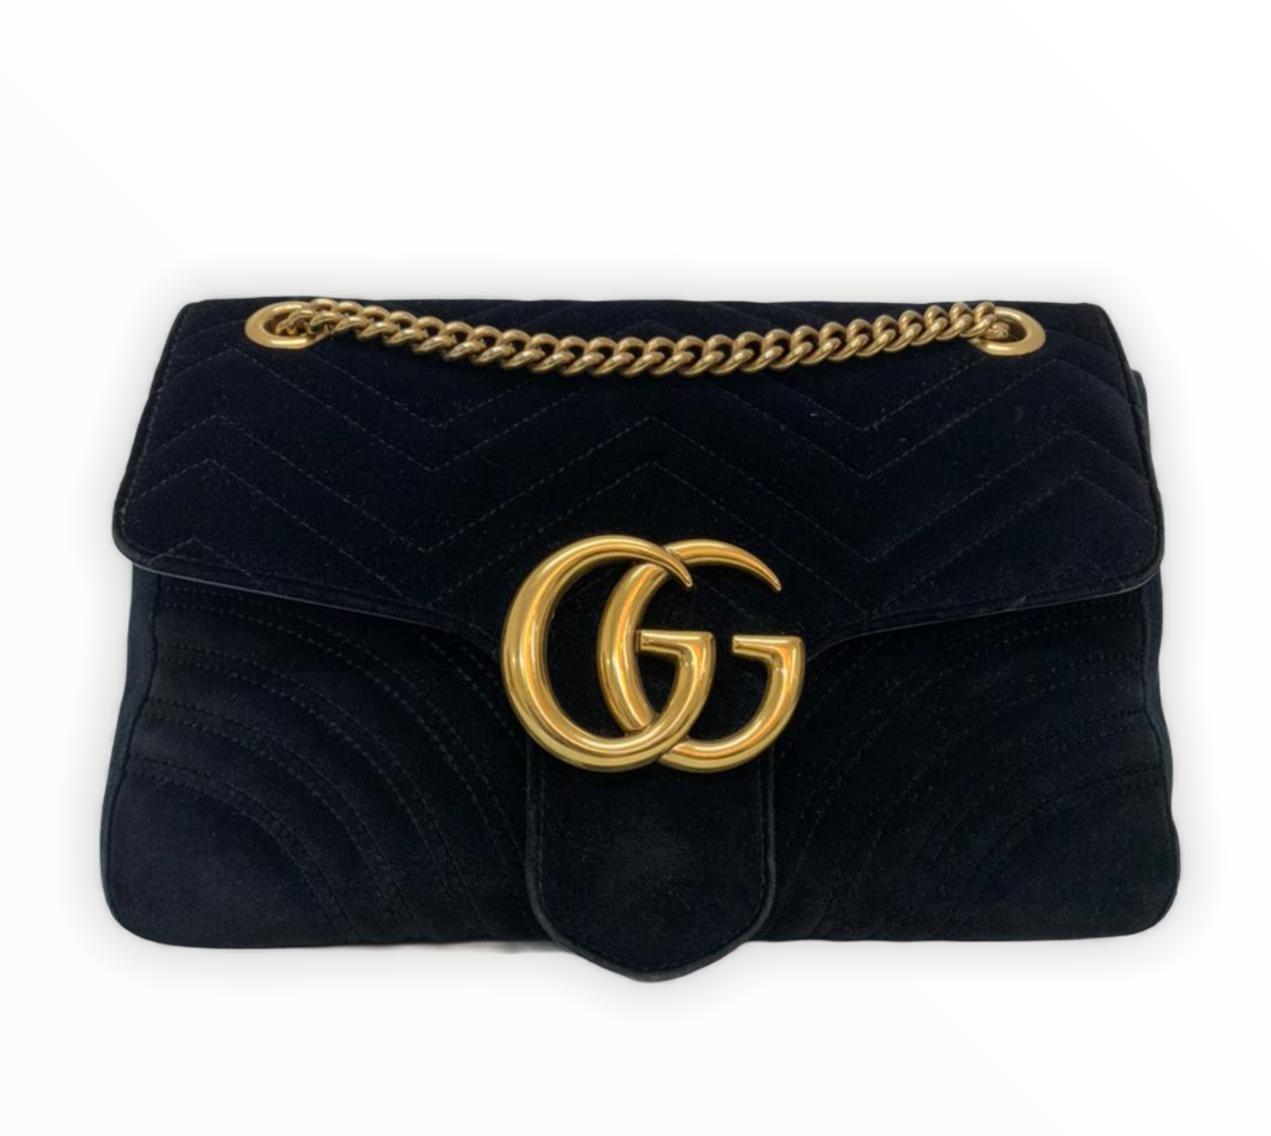 Bolsa Gucci GG Marmont Preta